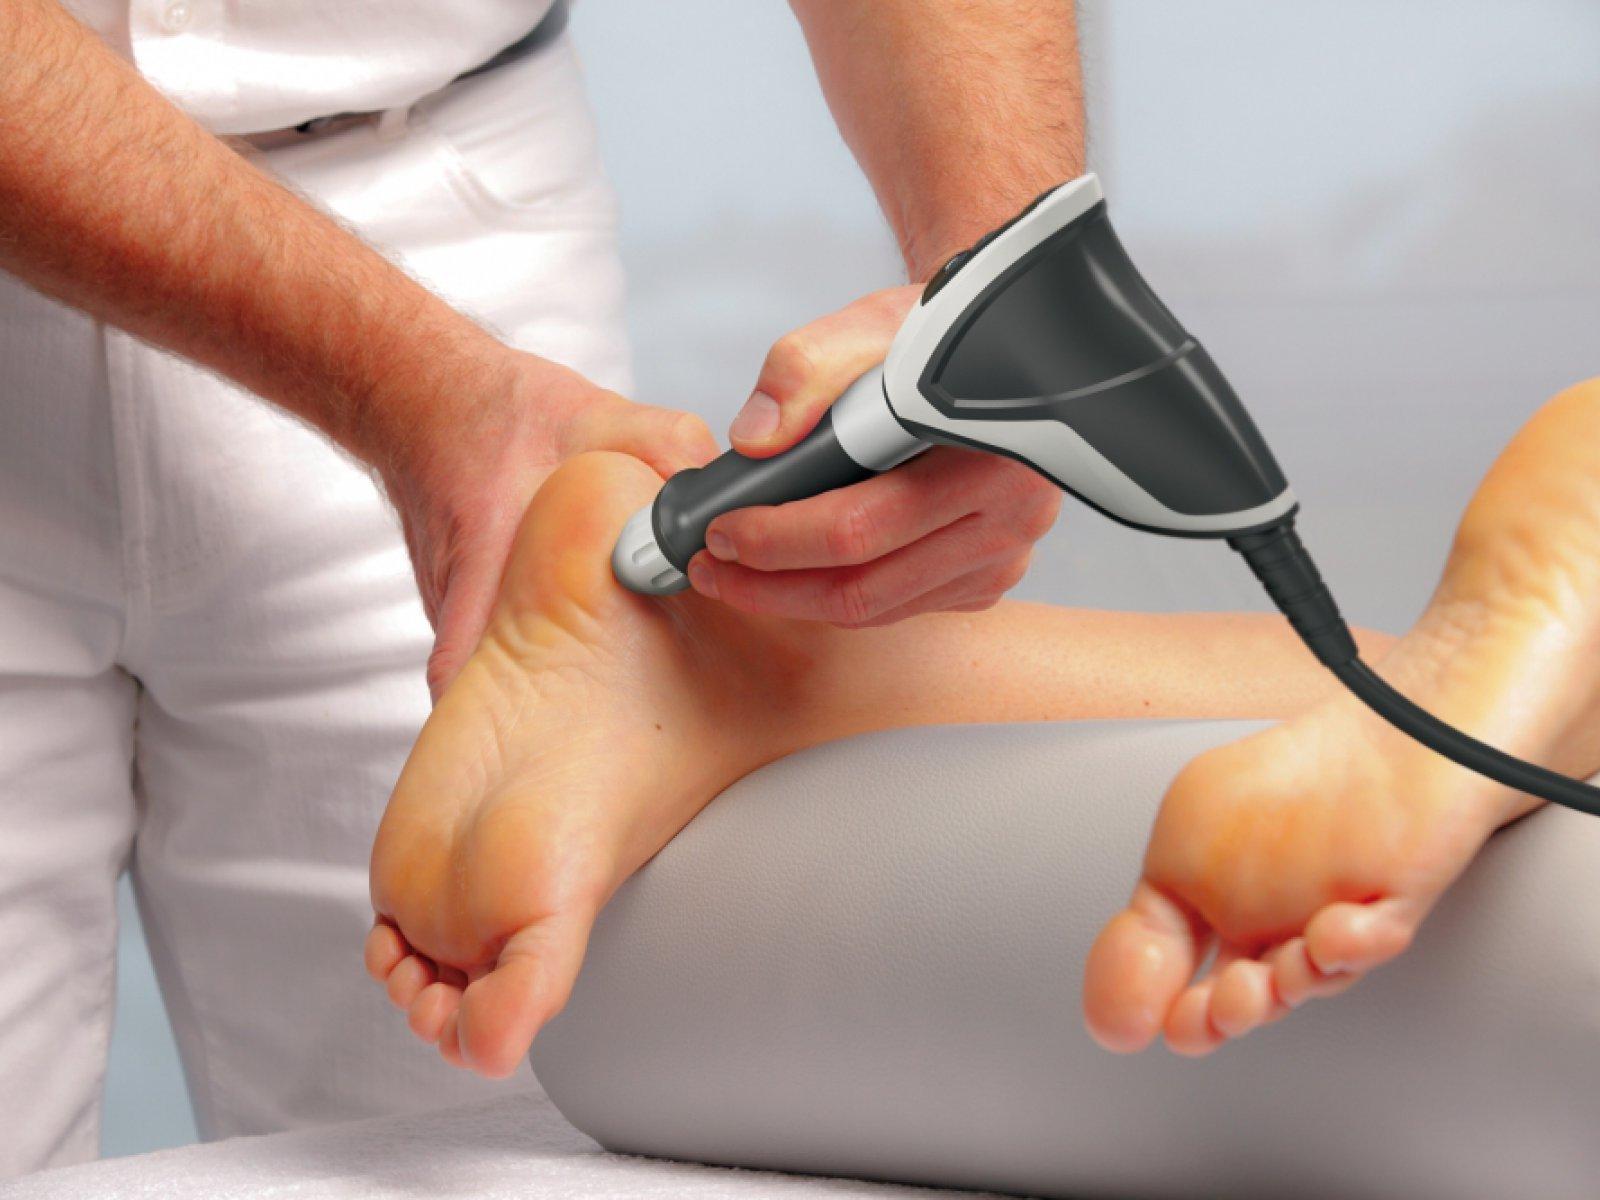 Топ-10 методов лечения пяточной шпоры в домашних условиях. Проверенные 84